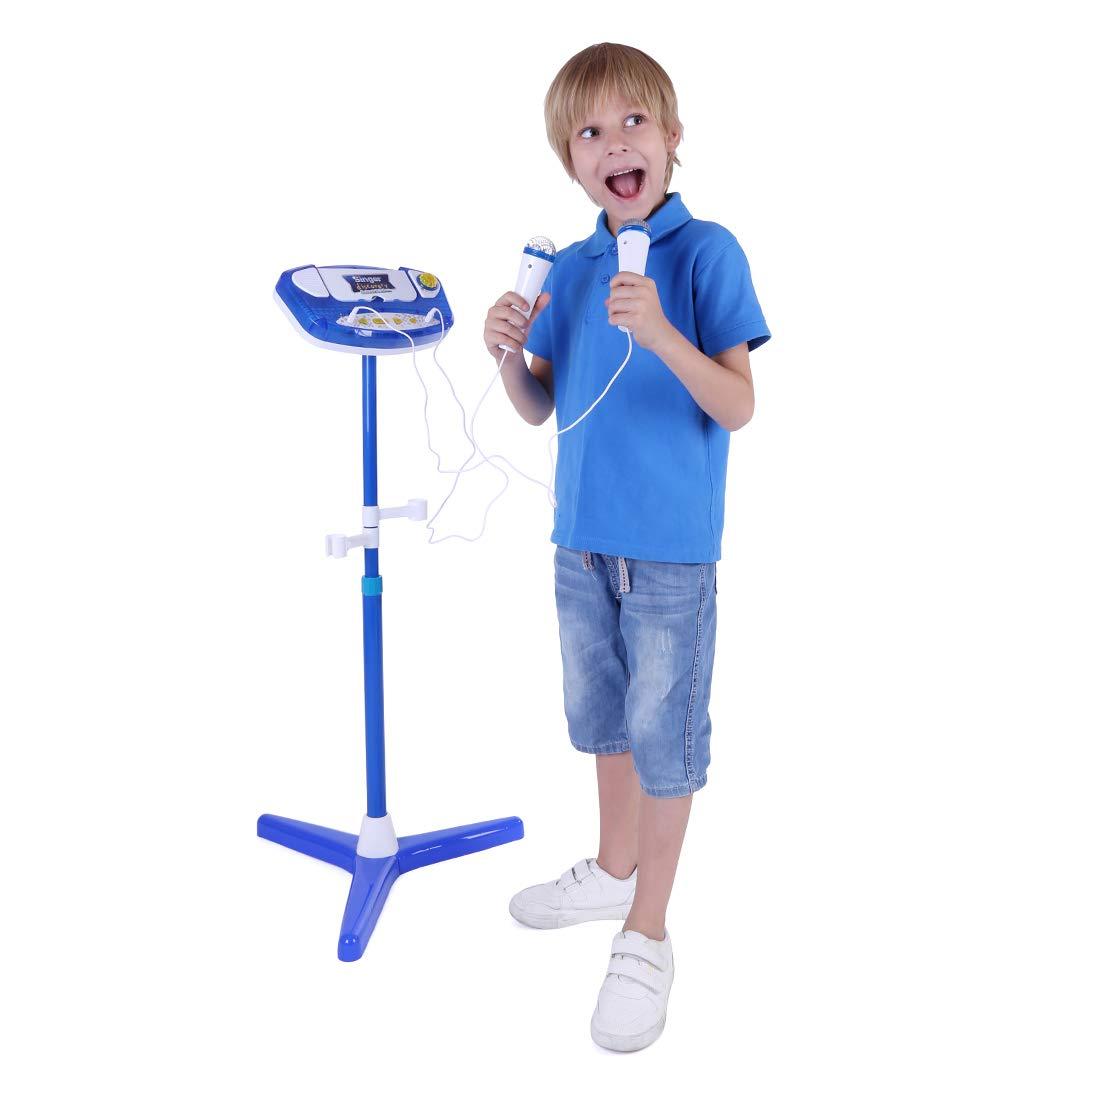 Kinder Karaoke Maschine, Lommer Musik Show Spielzeug Set mit 2 Mikrofonen und verstellbaren Stand - 18,5 * 18,5 * 37.4inches